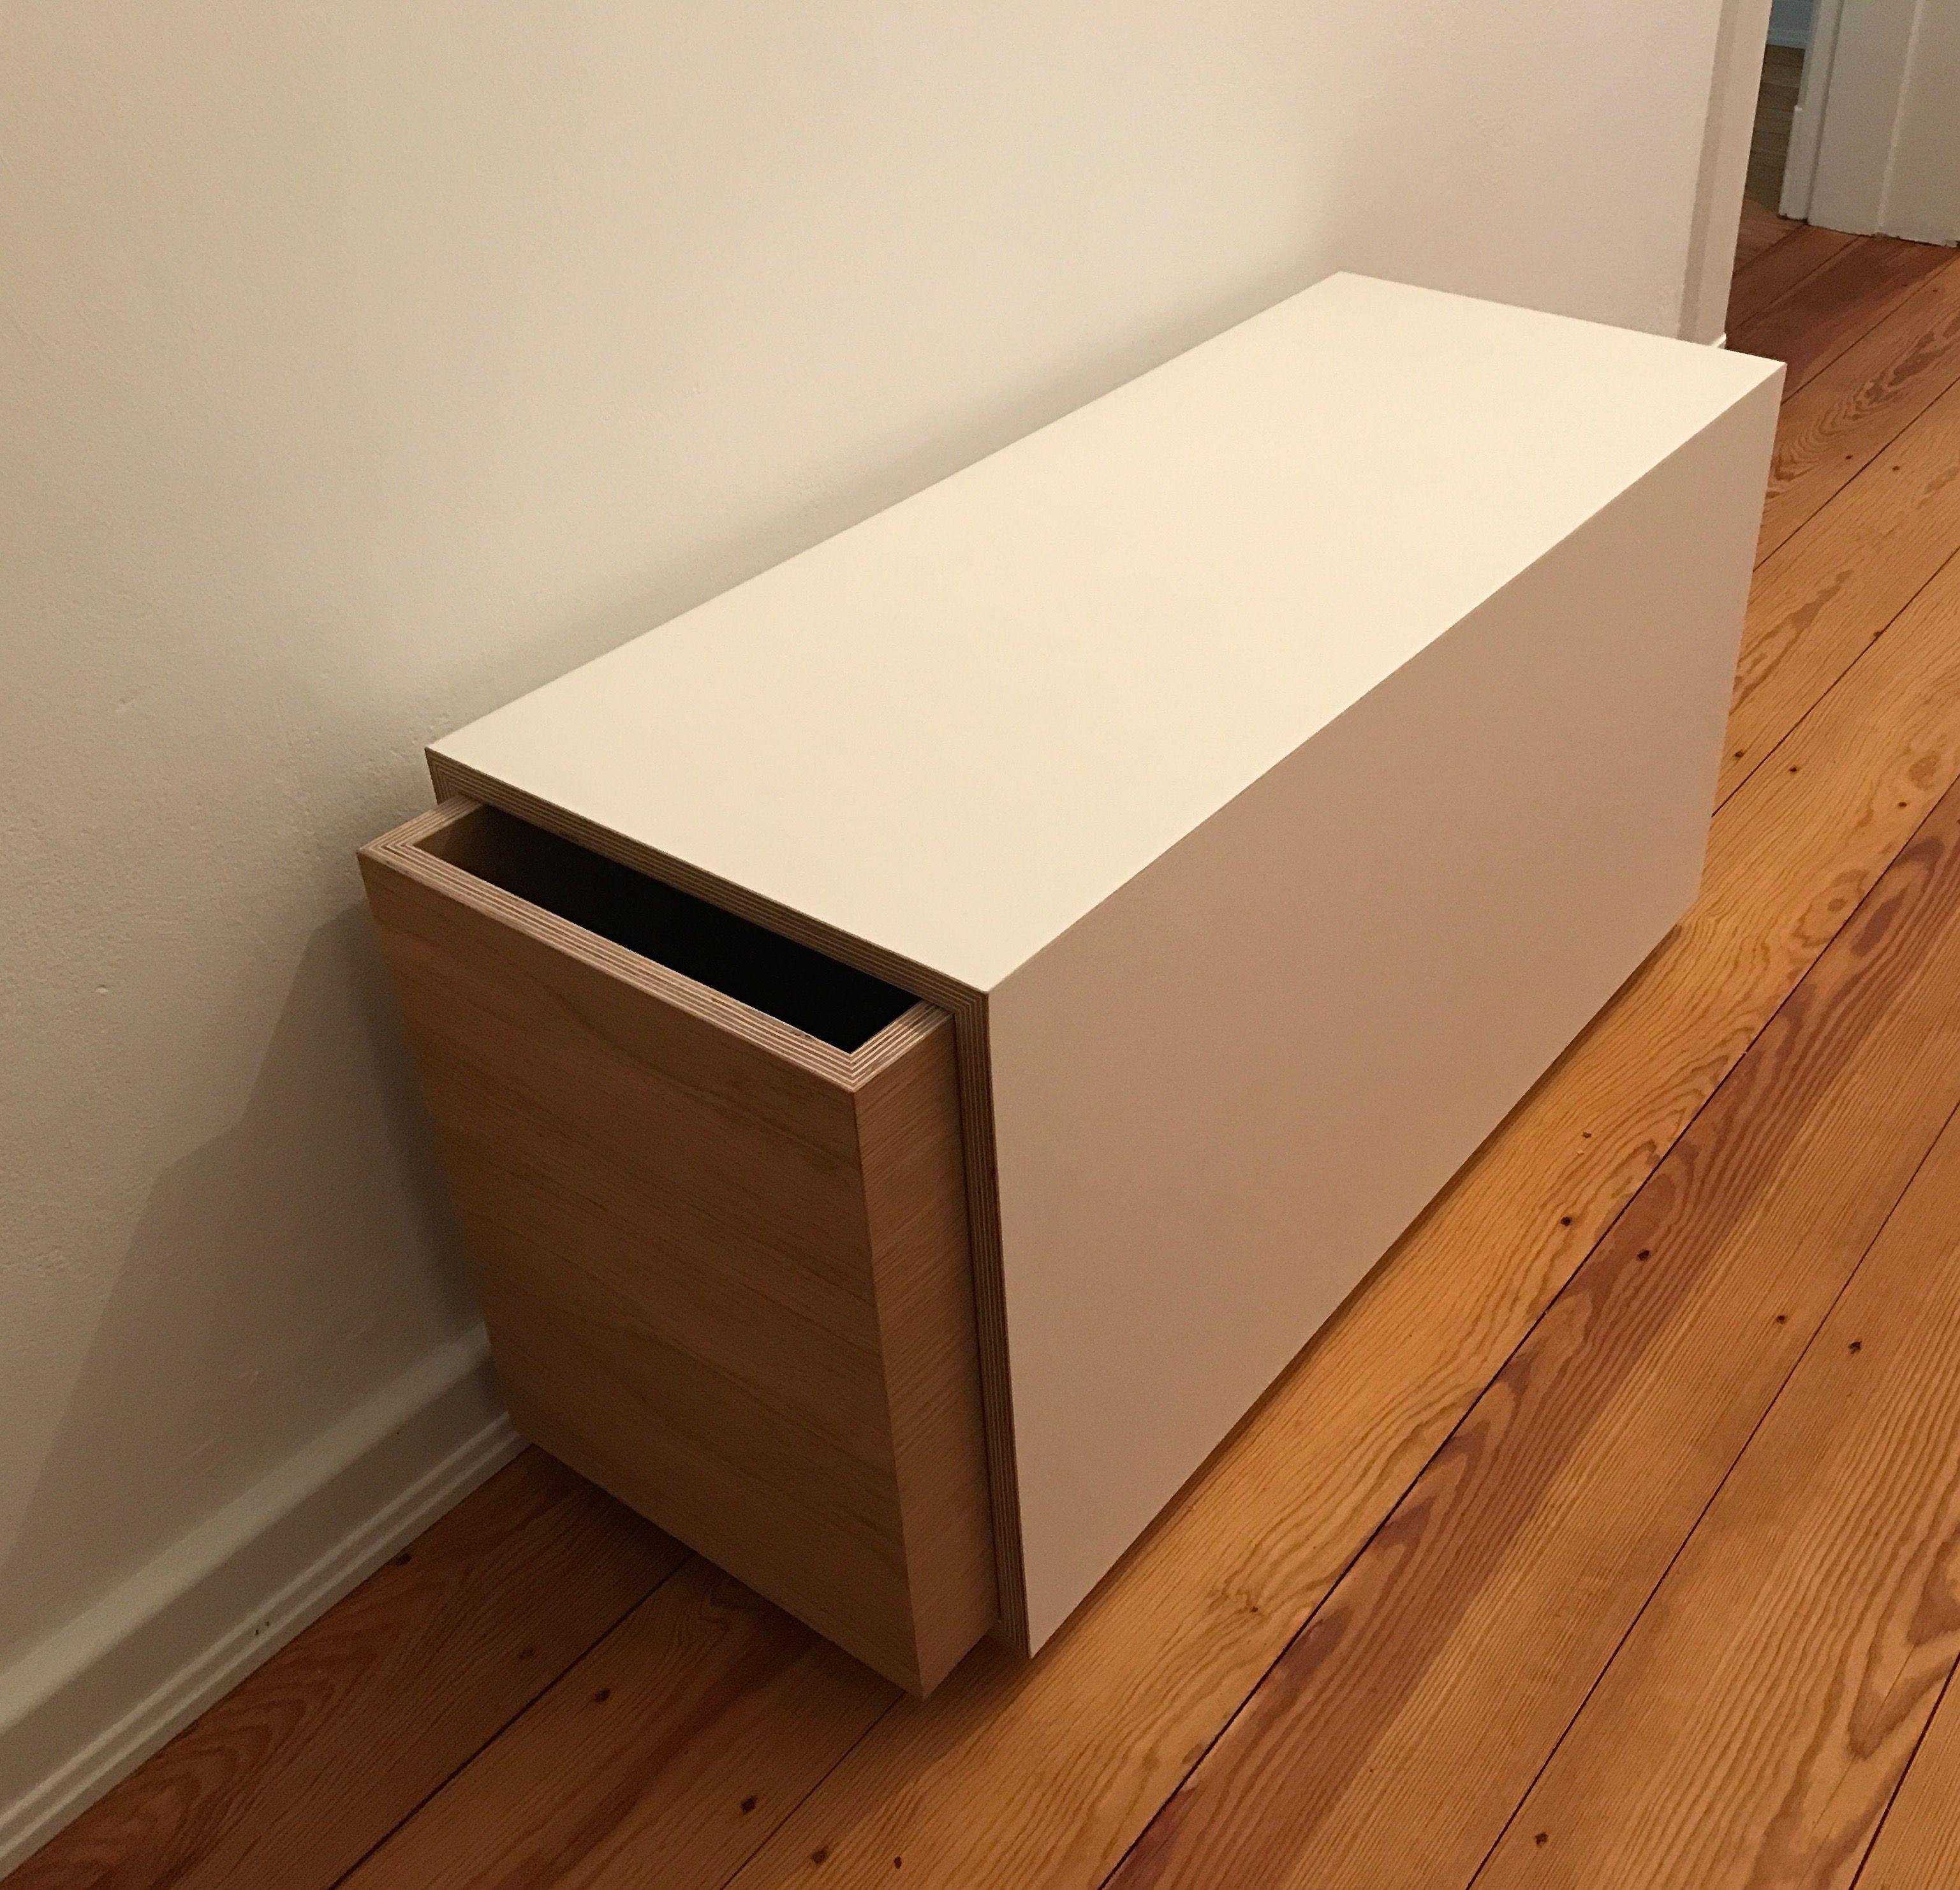 Schuhbank Mortimer Beim Kunden Angekommen. Eine Schlichte Kiste Aus  Hochwertigen Multiplexplatten Ist Die Hülle Der